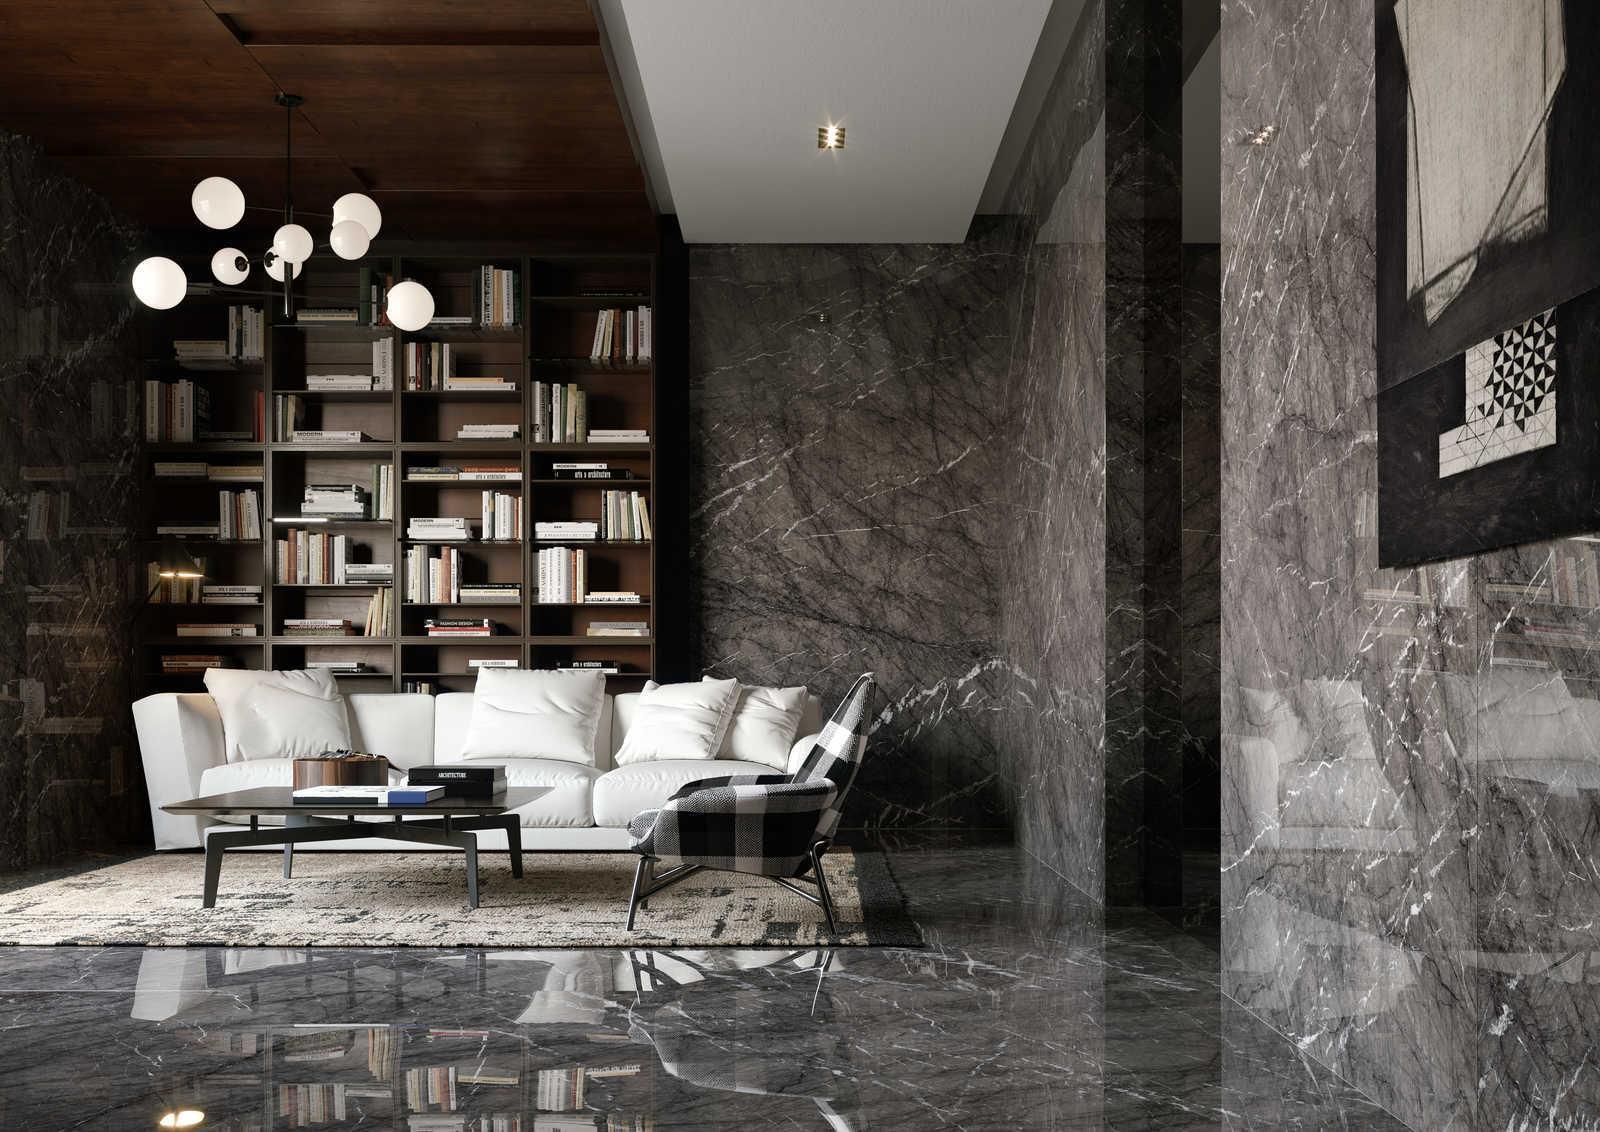 Carrelages effet marbre gris l Carrelages Delannoy